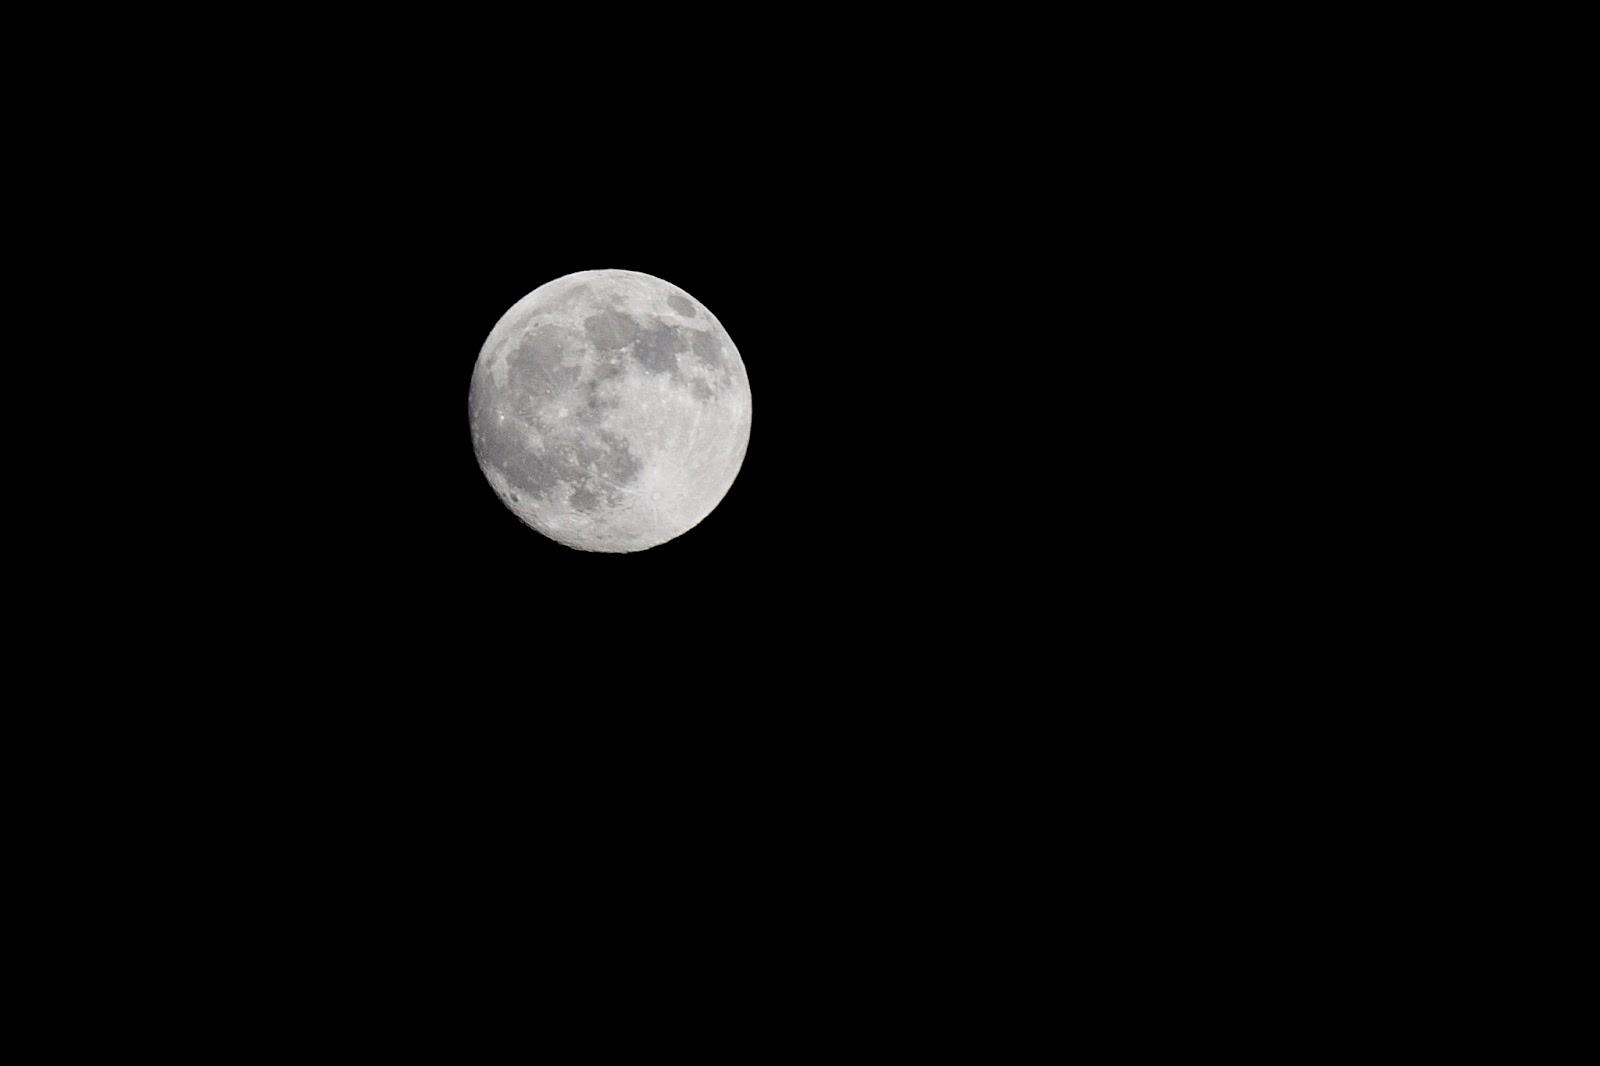 Jak zrobić zdjęcie księżyca?